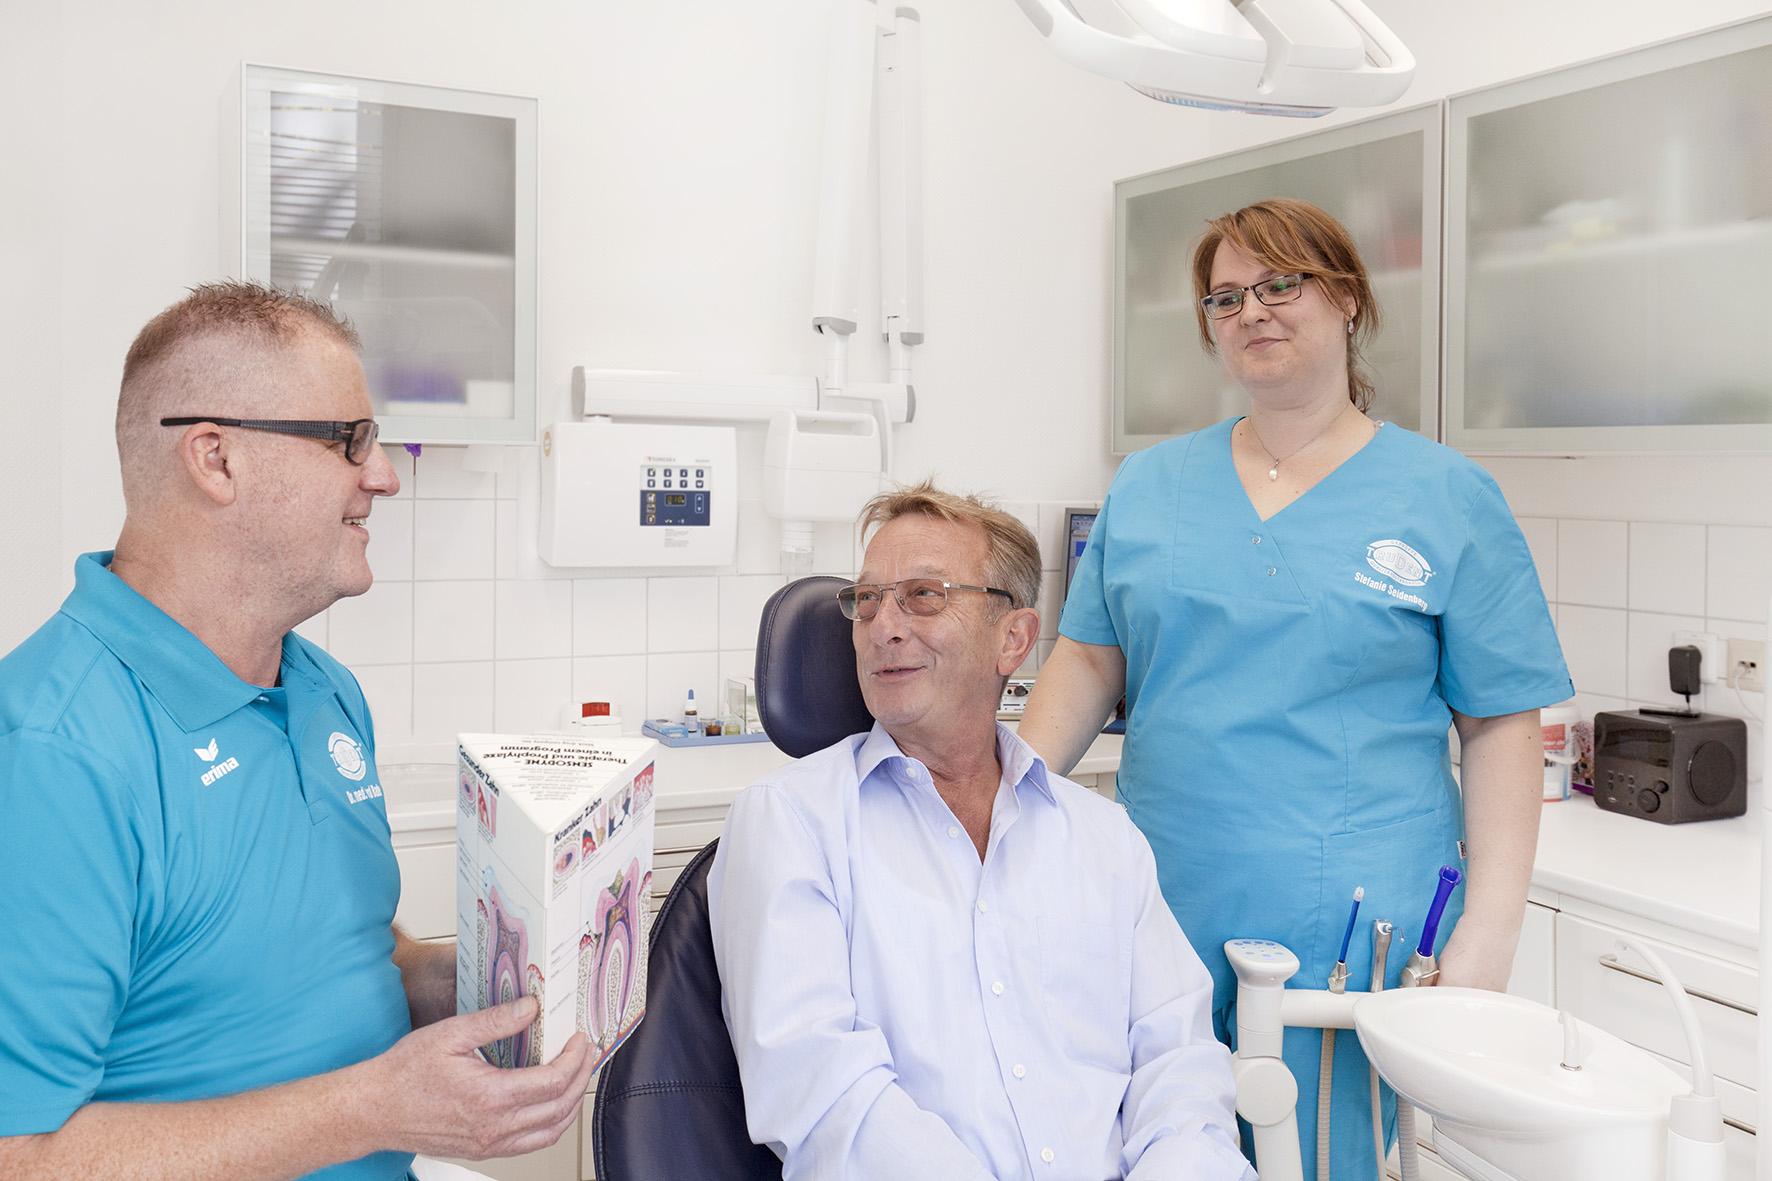 Mit R#xFCckenschmerzen zum Zahnarzt?